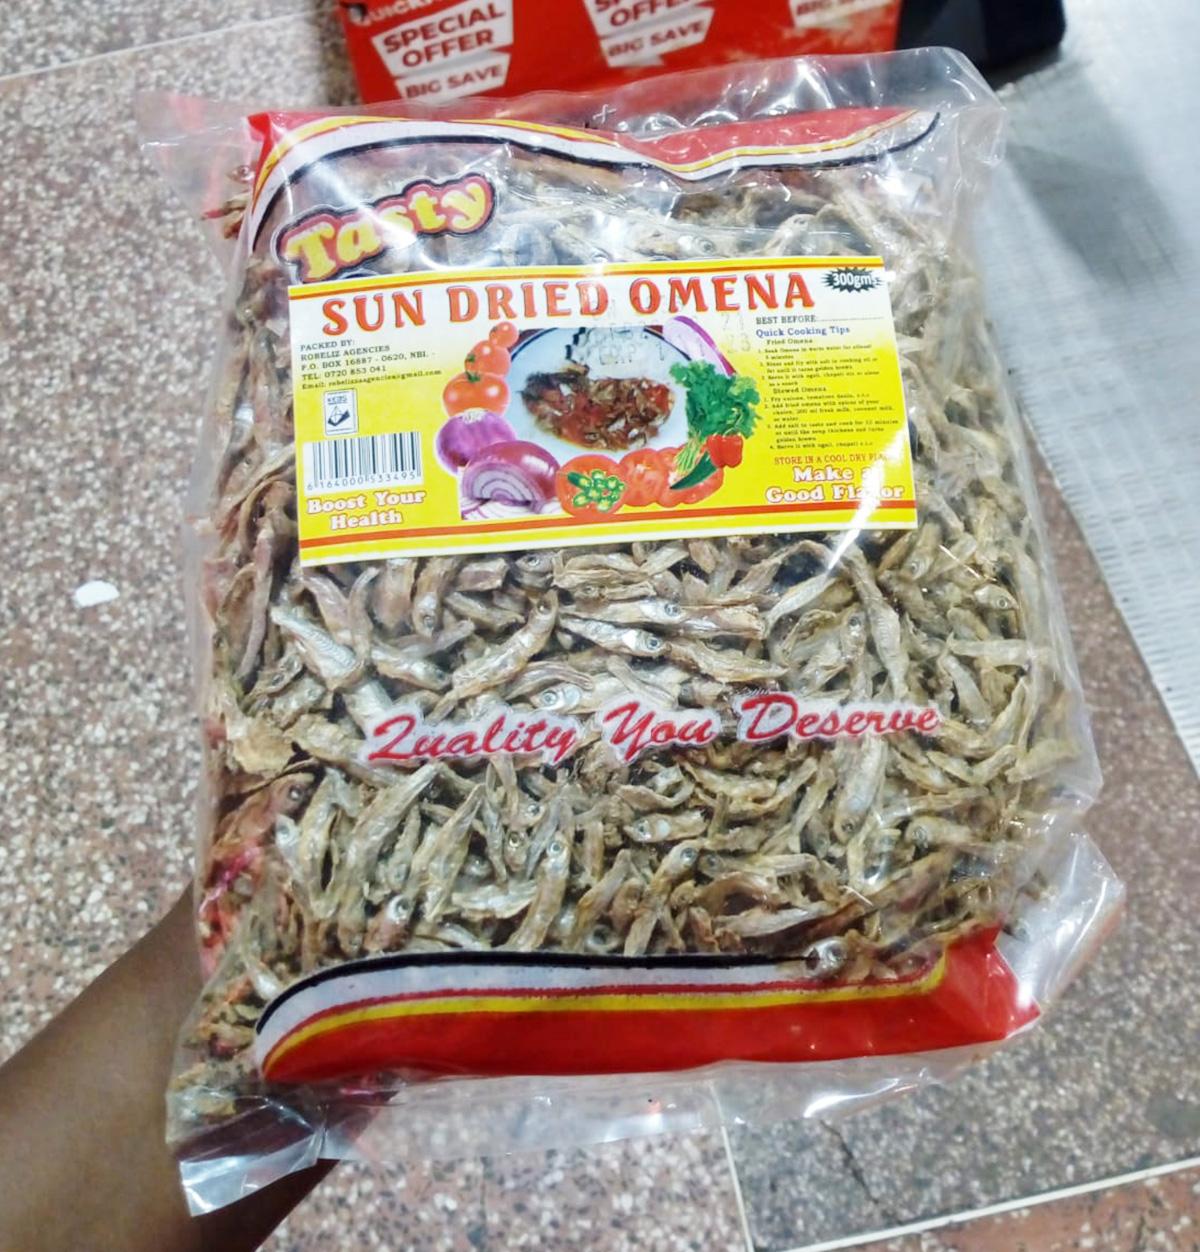 【調理写真つき】ケニア版ちりめんじゃこのケニア風レシピ「オメナと野菜の炒め物」の作り方 / カンバ通信:第107回